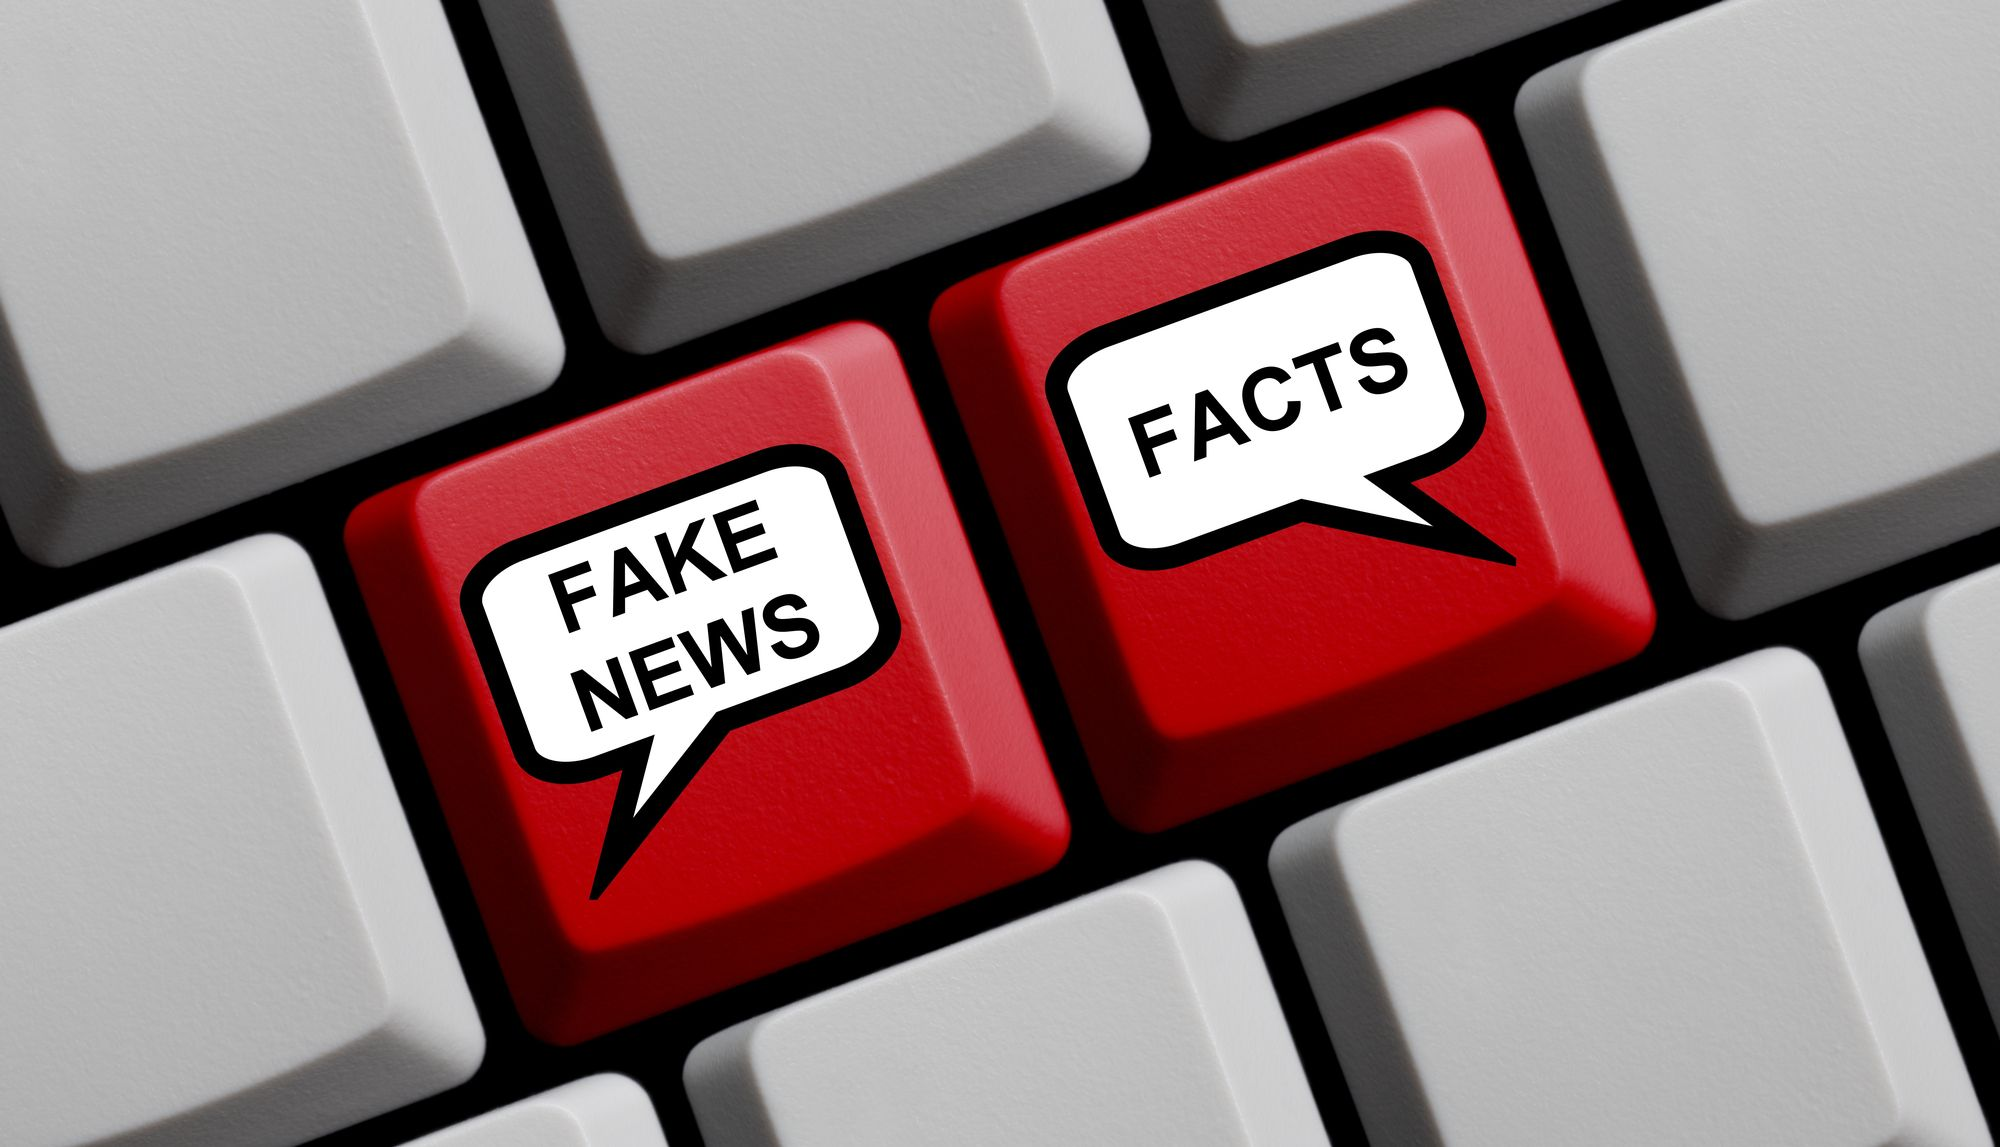 """Résultat de recherche d'images pour """"fake news images"""""""